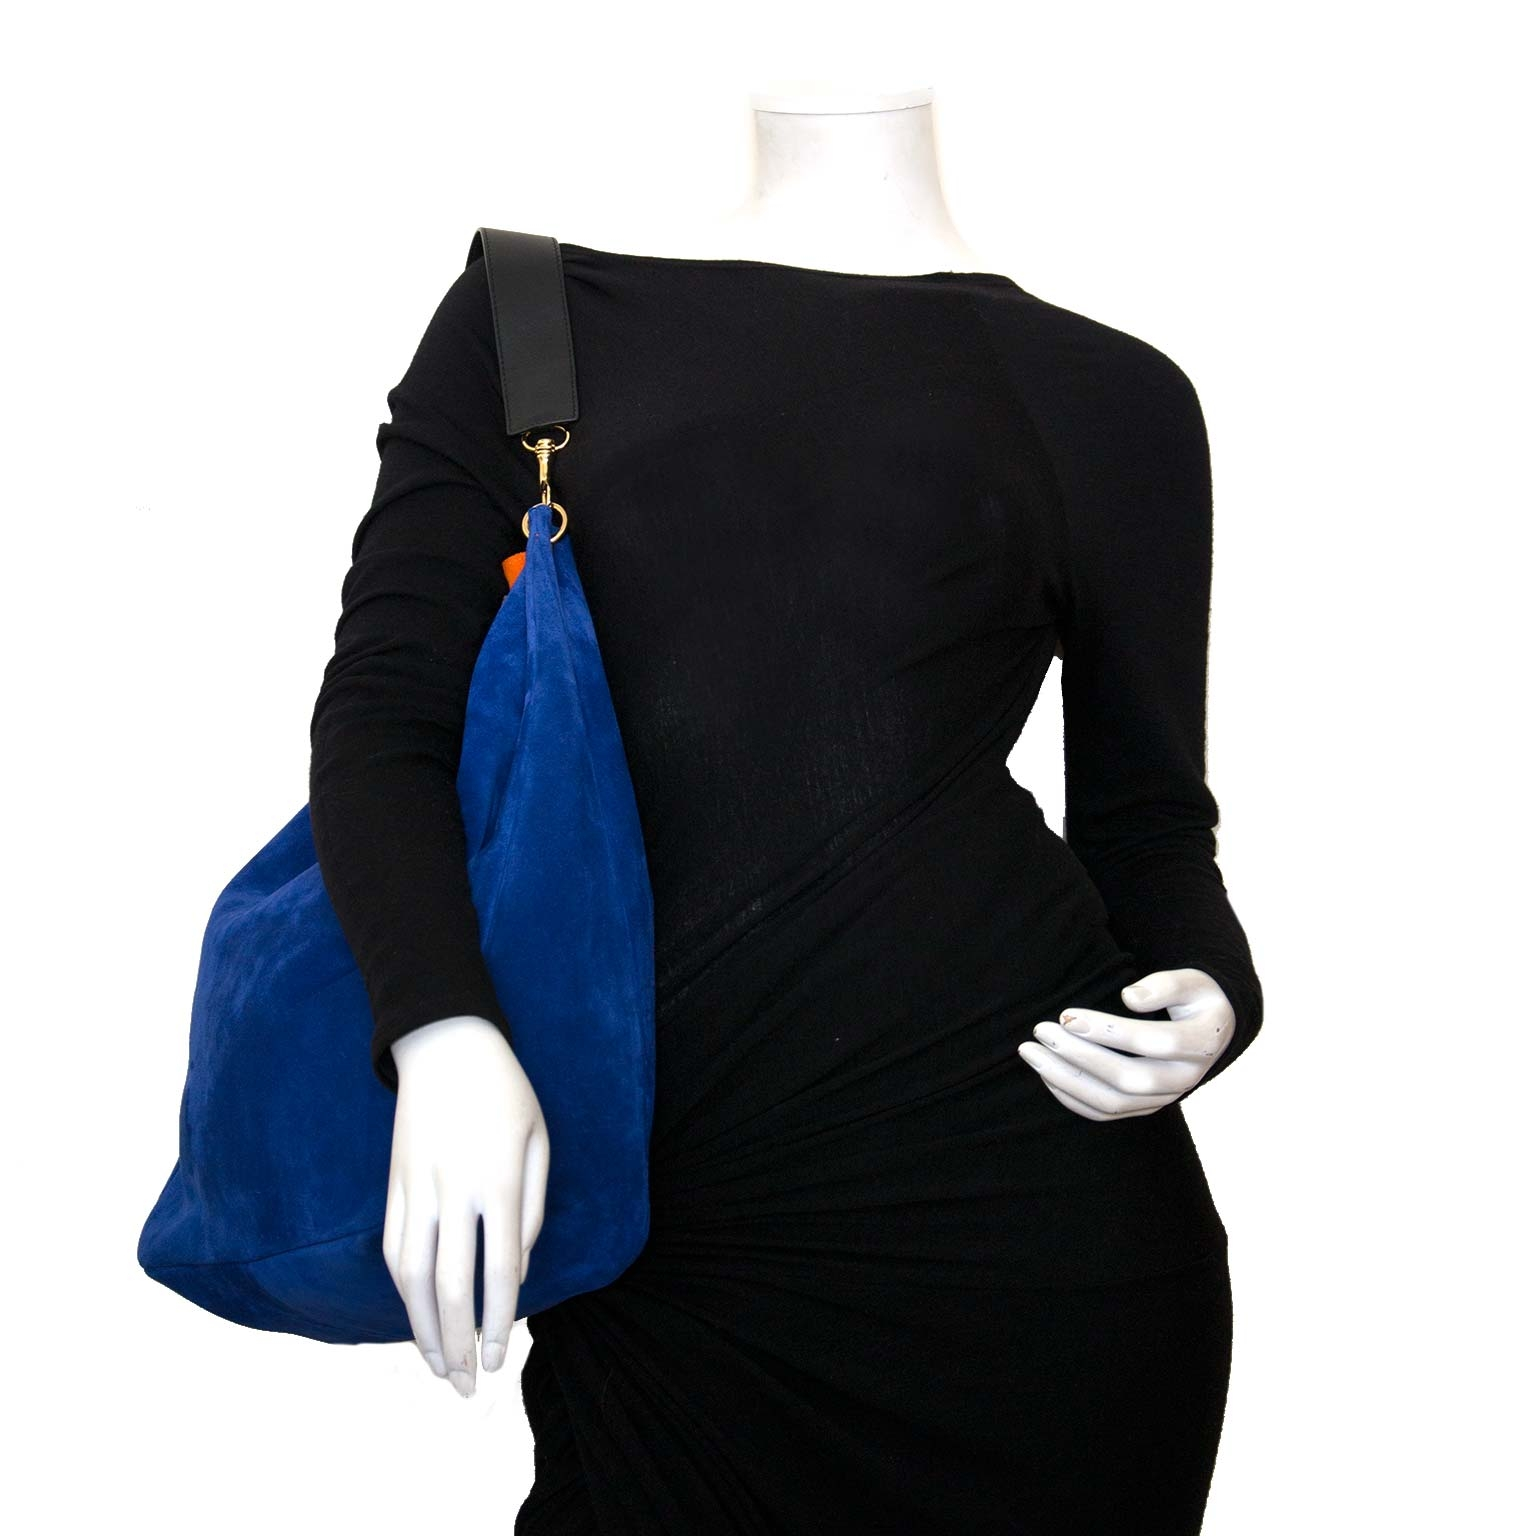 JW anderson large hobo piercing tas nu te koop bij labellov vintage mode webshop belgië